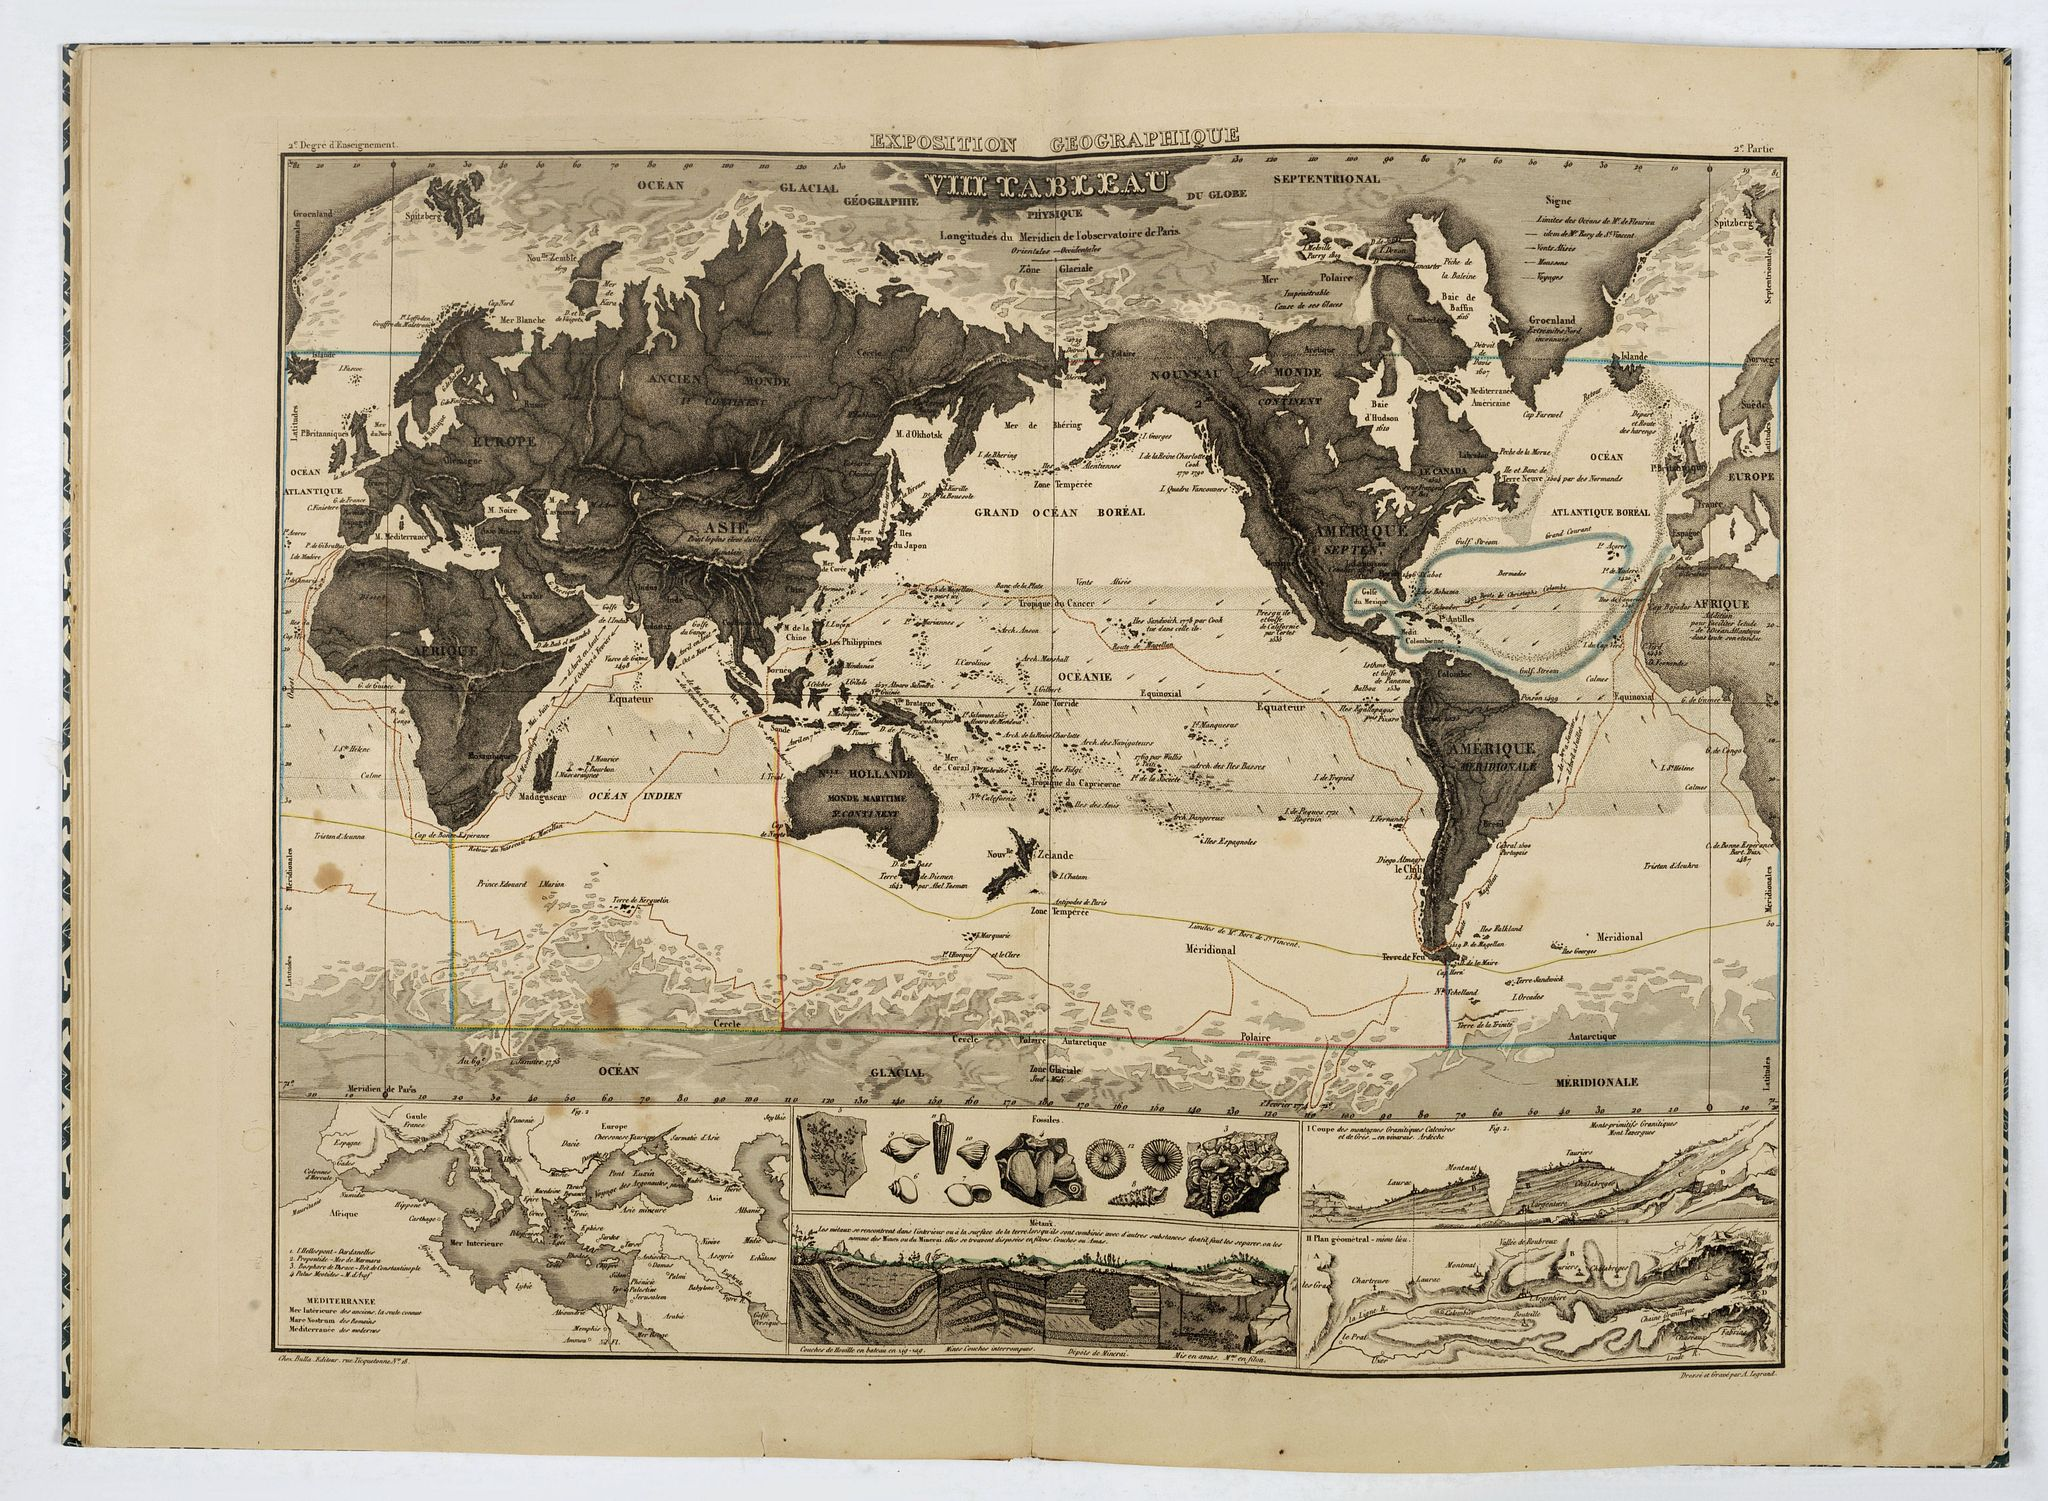 LEGRAND, A. -  Exposition géographique en XIV tableaux, composés et expliqués par A. Legrand... Deuxième degré d'enseignement . . .